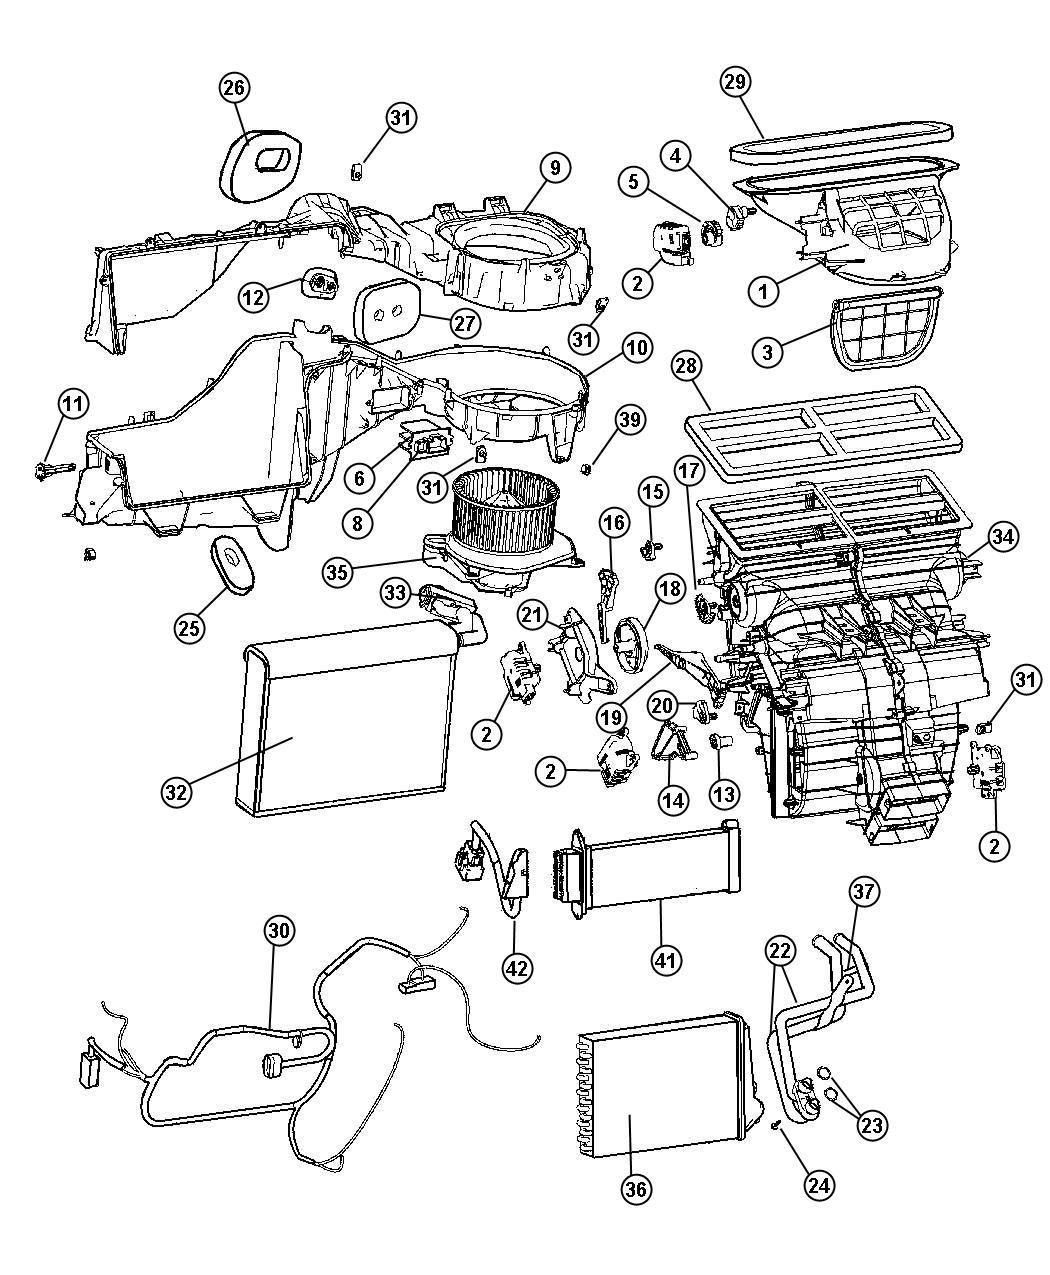 Jeep Grand Cherokee Probe Air Conditioning Haa Haf Haa Haf Rhd With Haa With